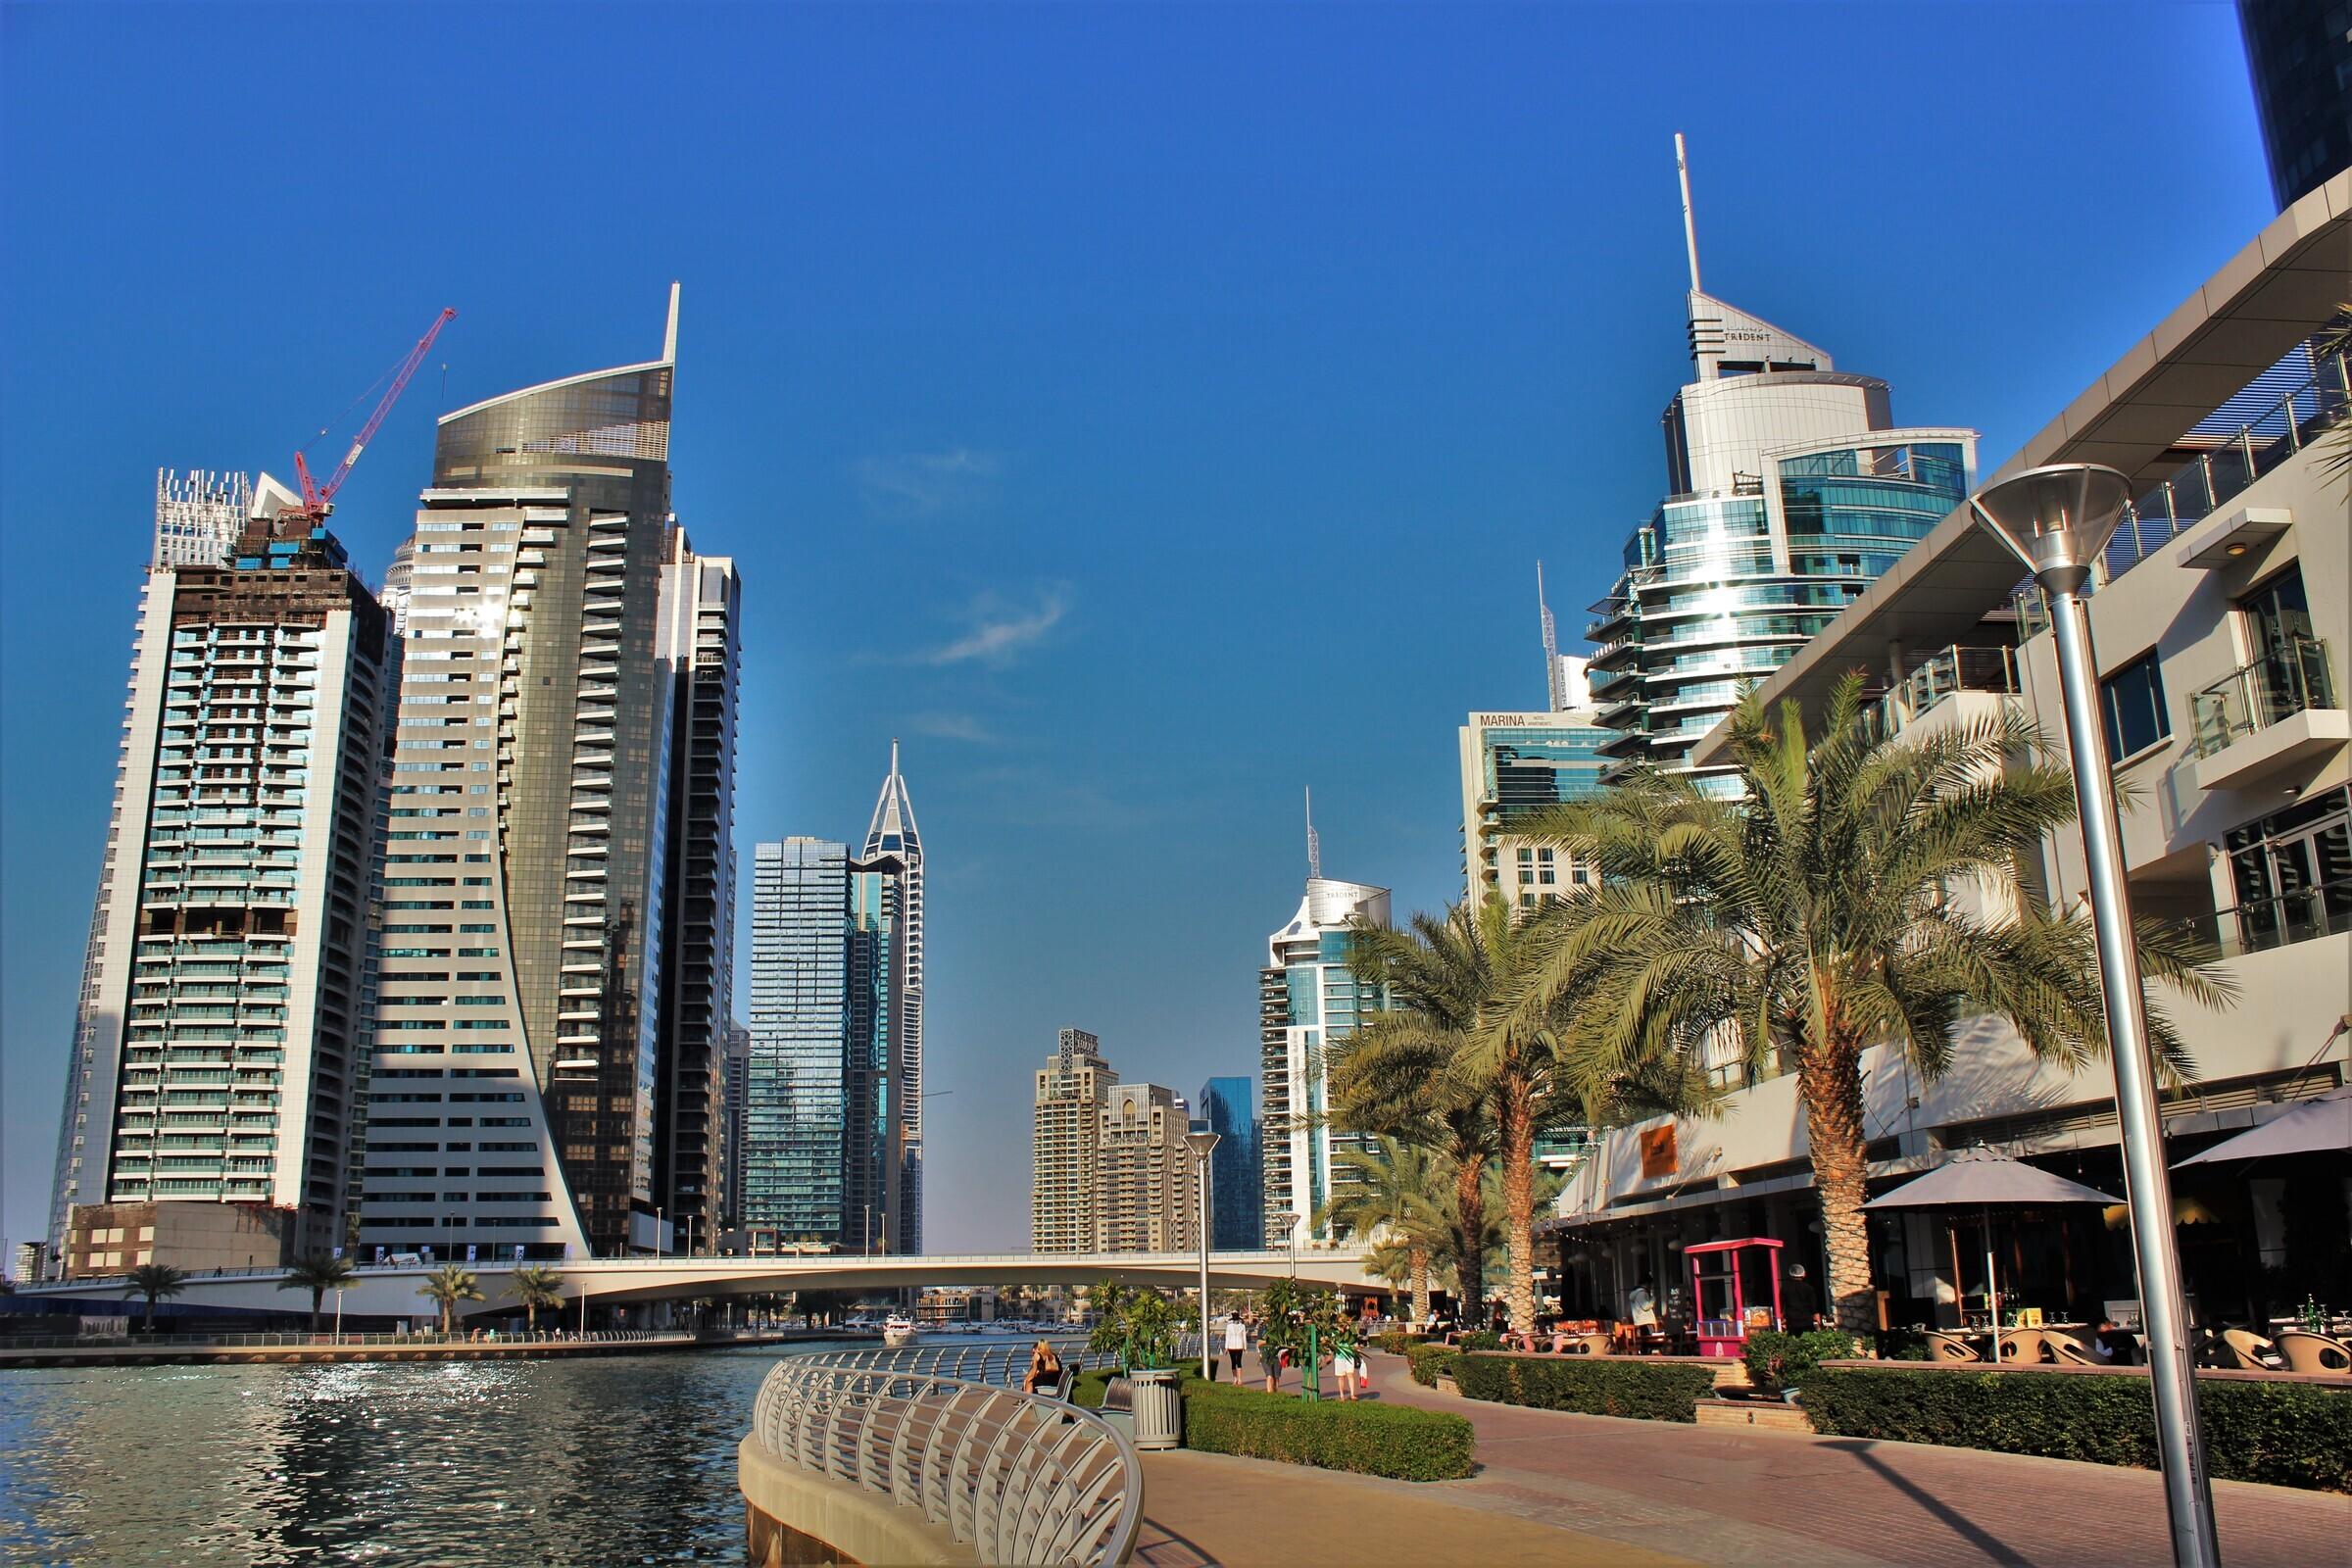 Дубай марина молл отзывы флай дубай регистрация онлайн